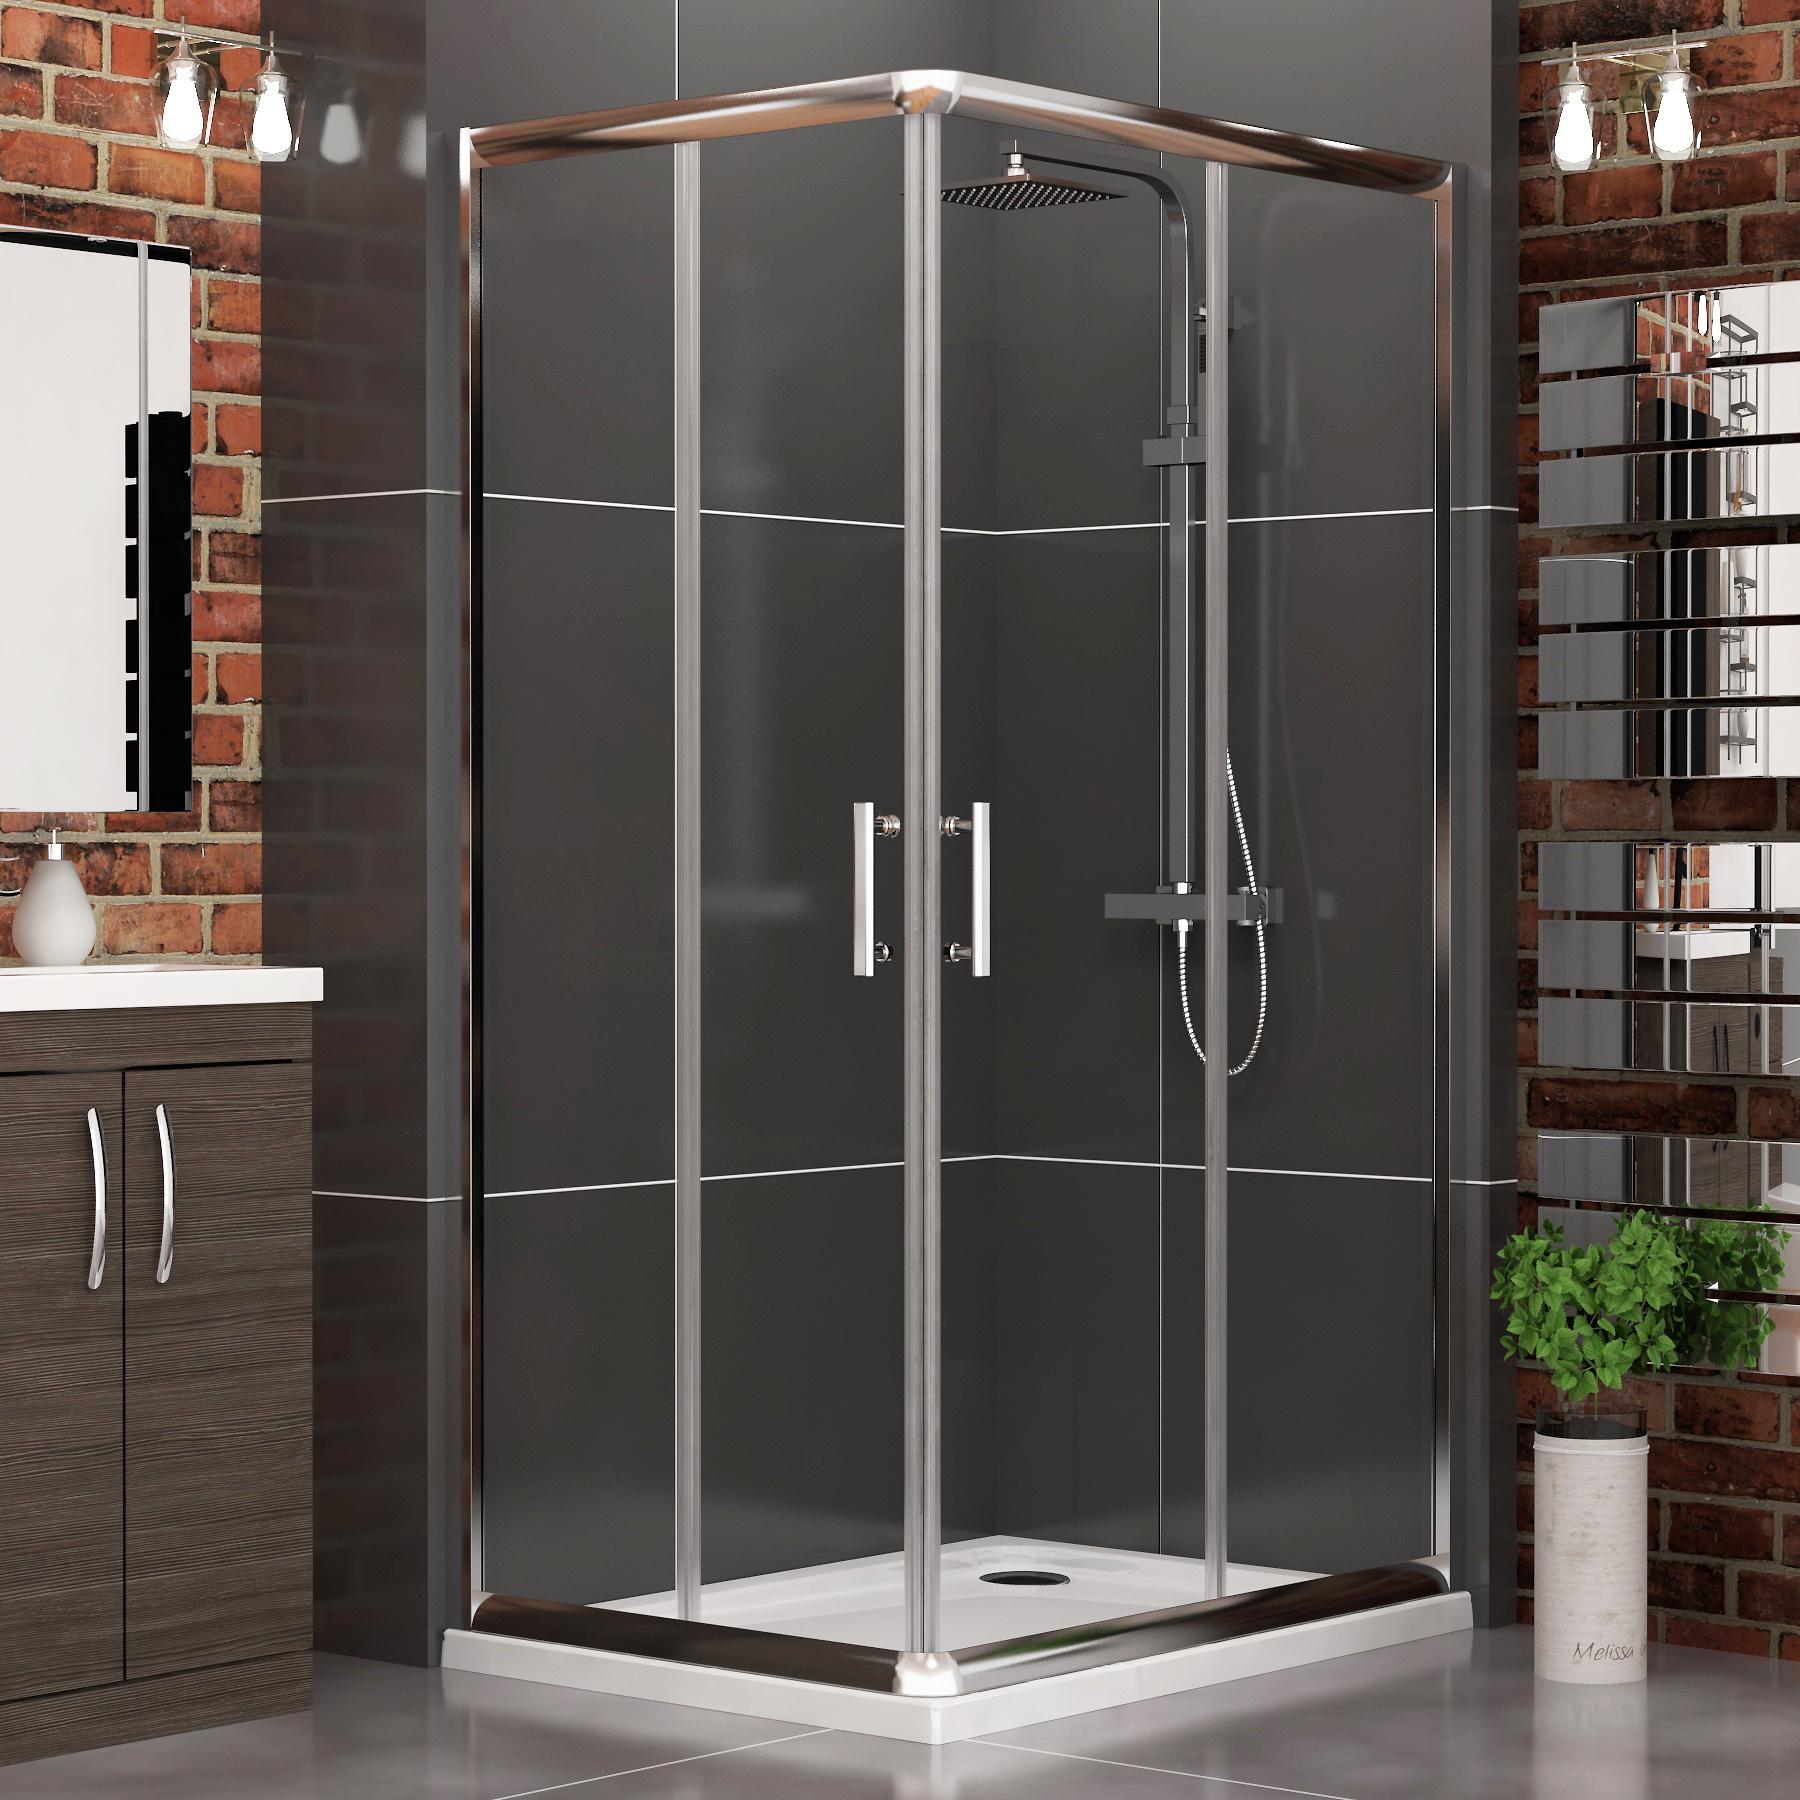 6mm Modern Corner Entry Glass Sliding Door Cubicle Shower Enclosure ...